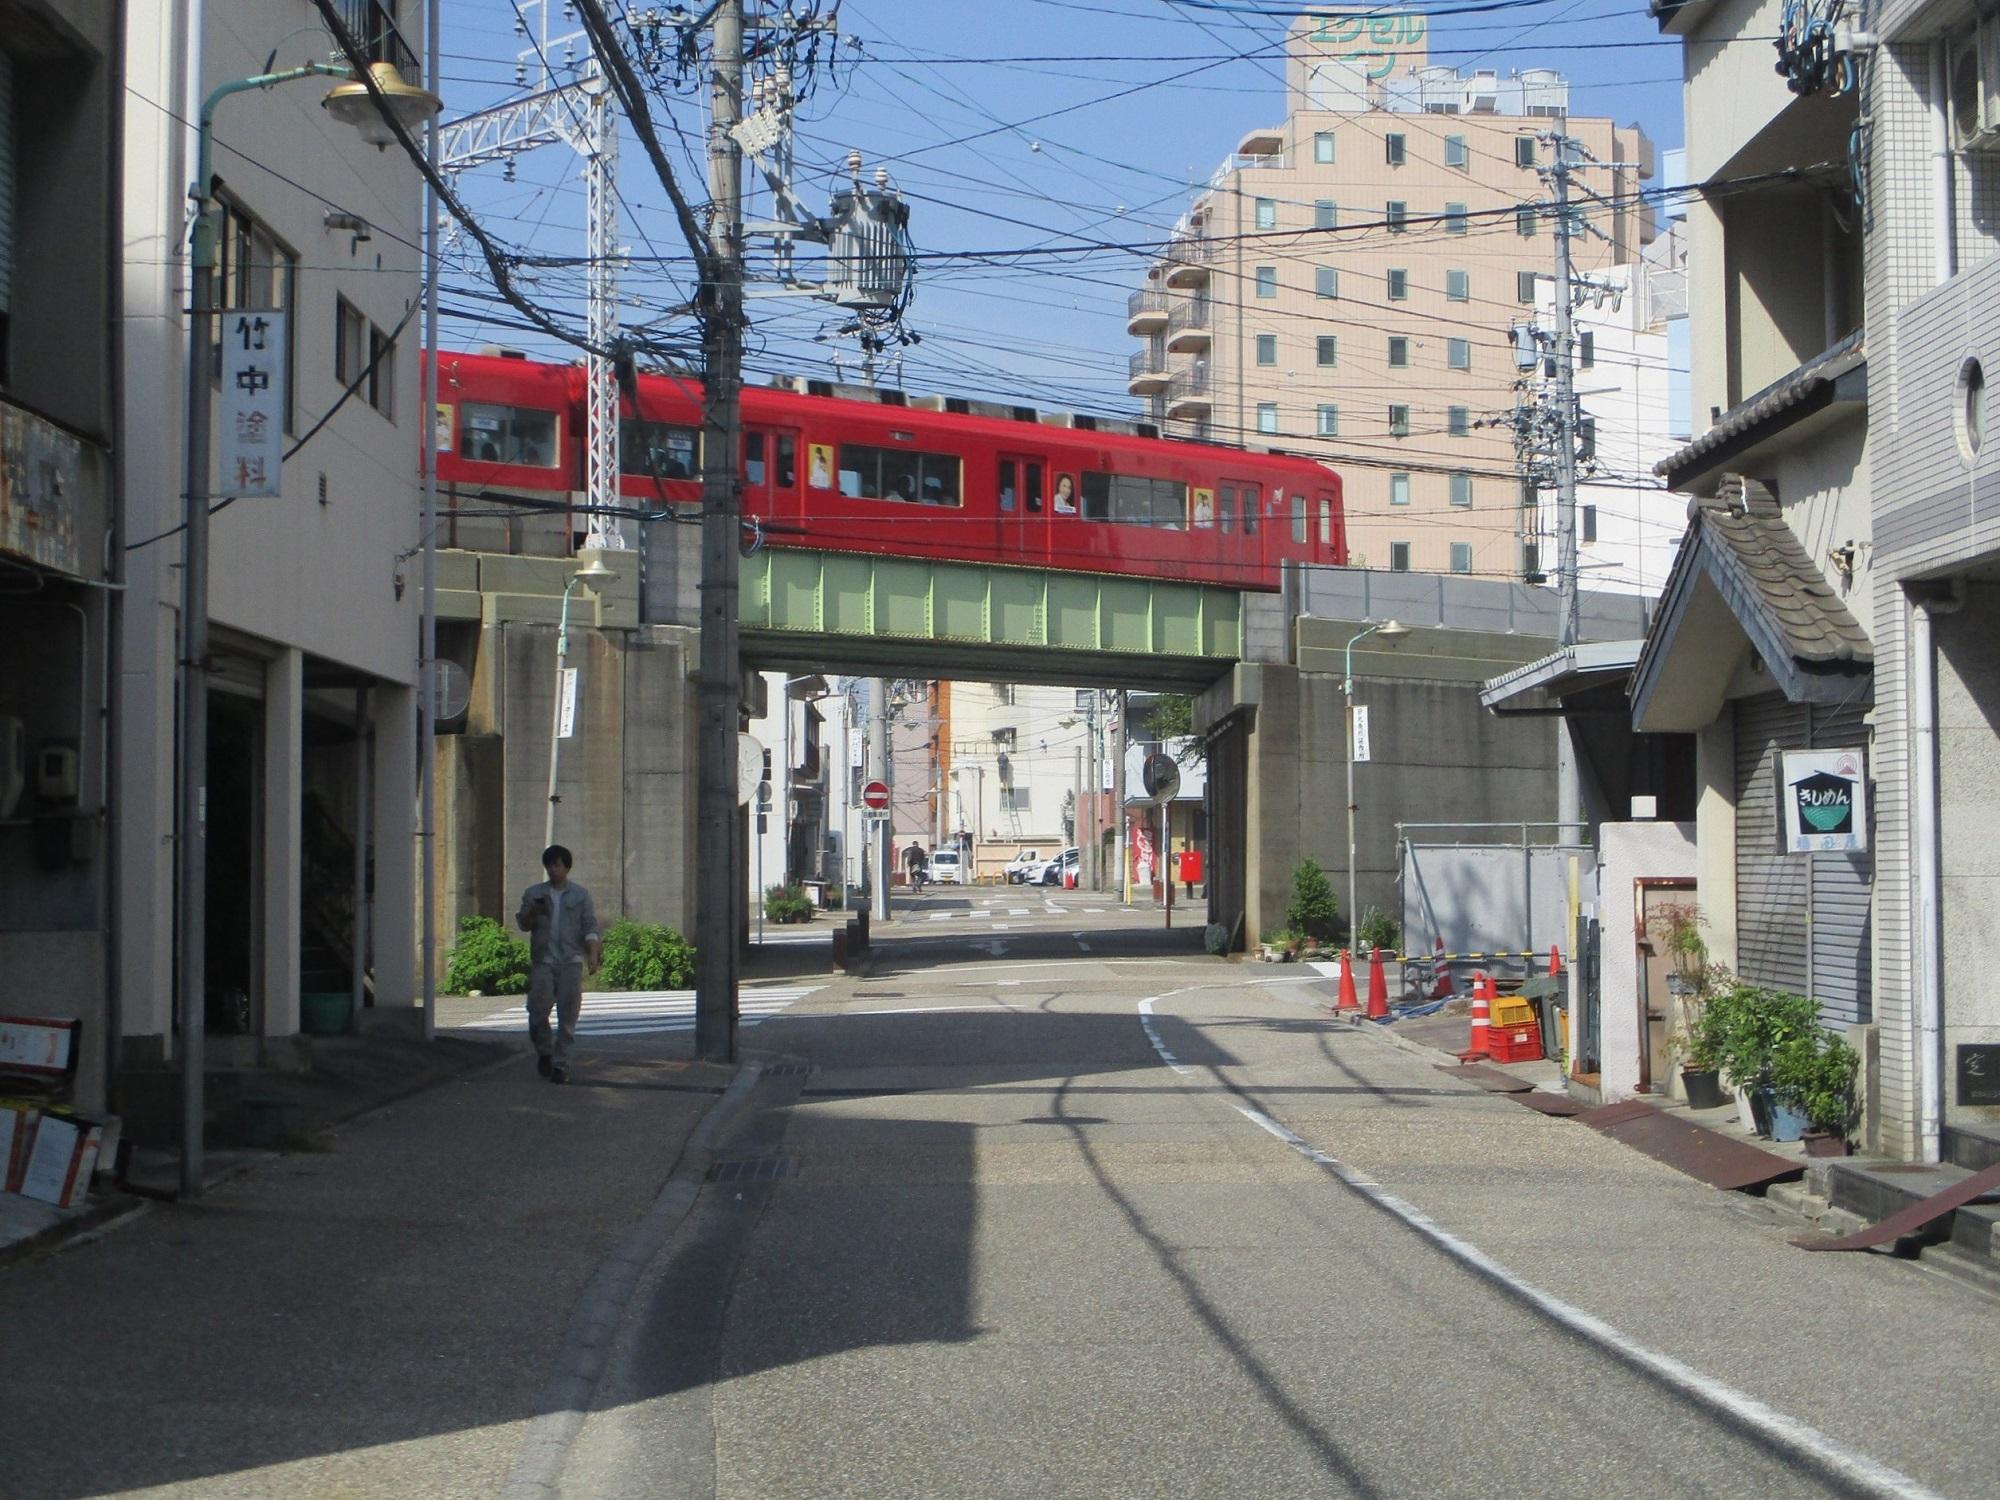 2019.10.31 (17) 東海道 - 常滑線高架 2000-1500